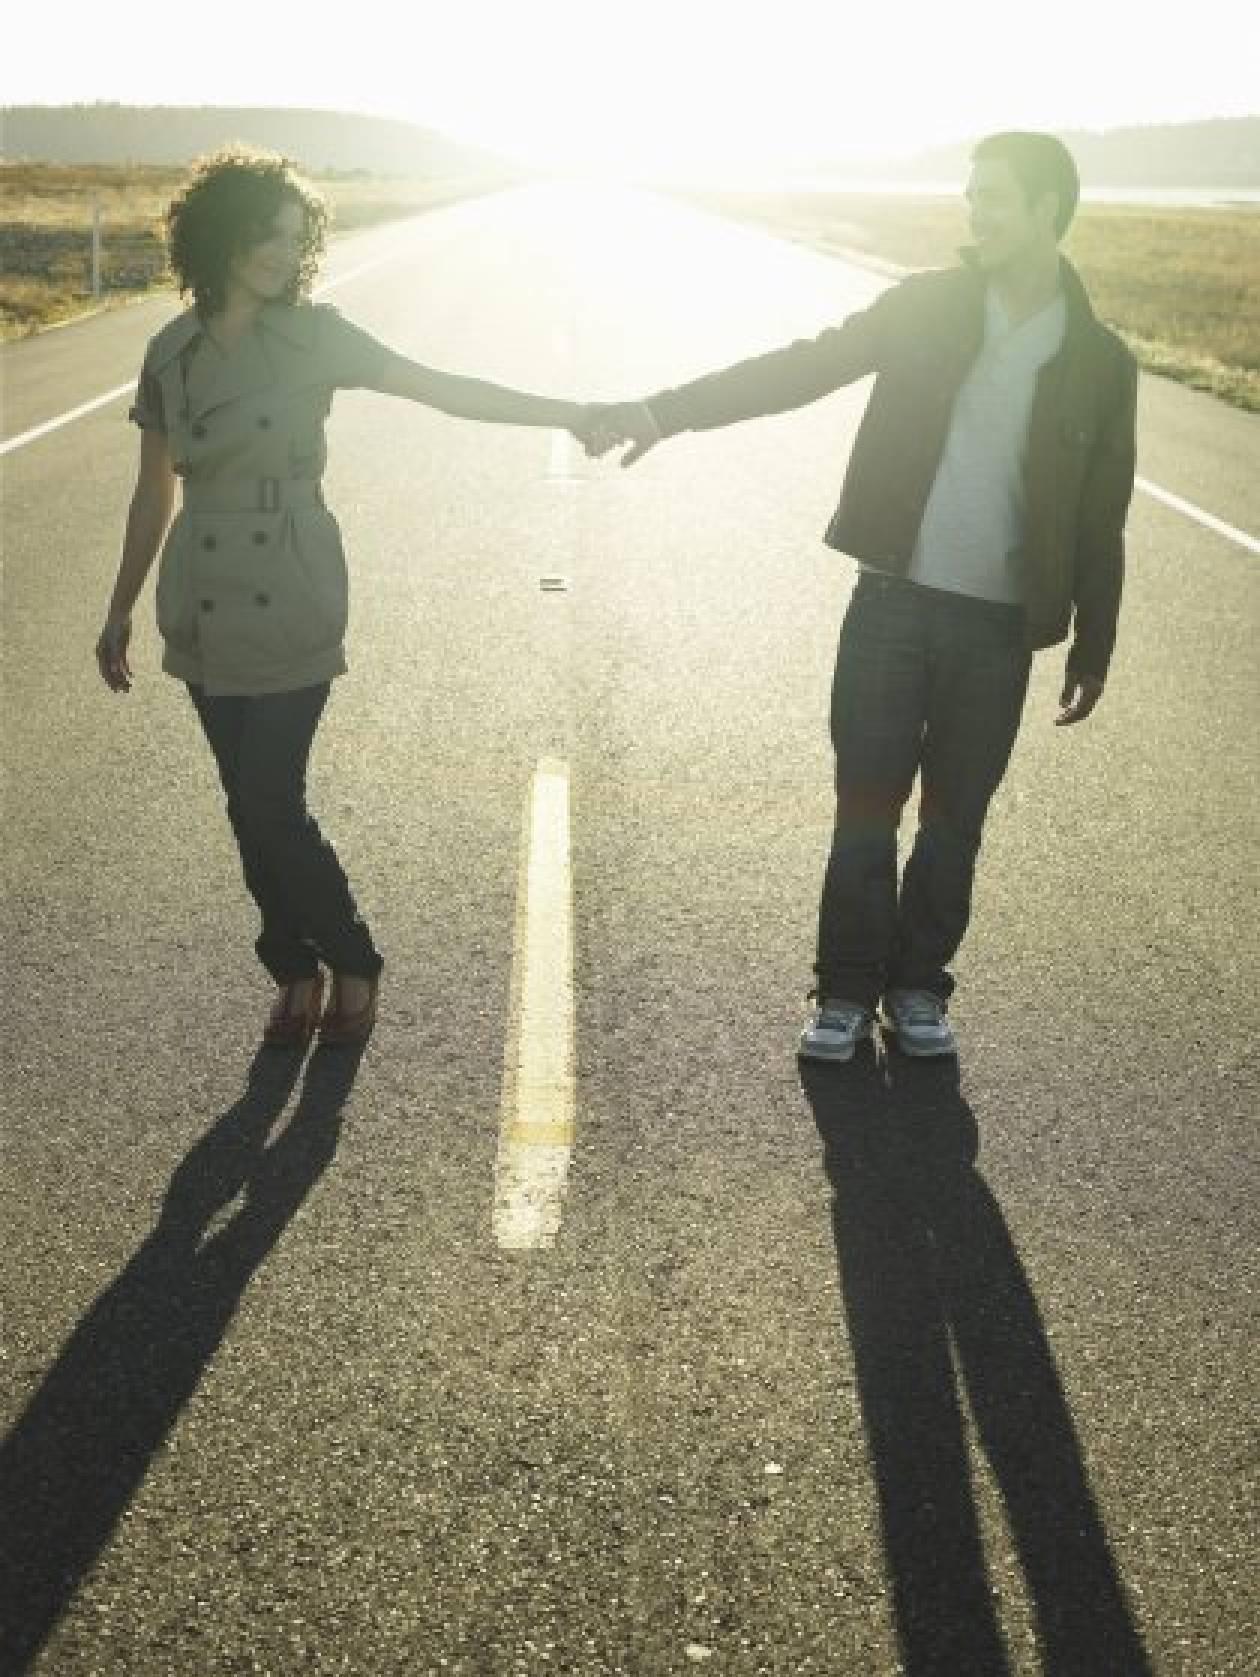 Η συνήθεια του έρωτα που χτίζει μια σχέση